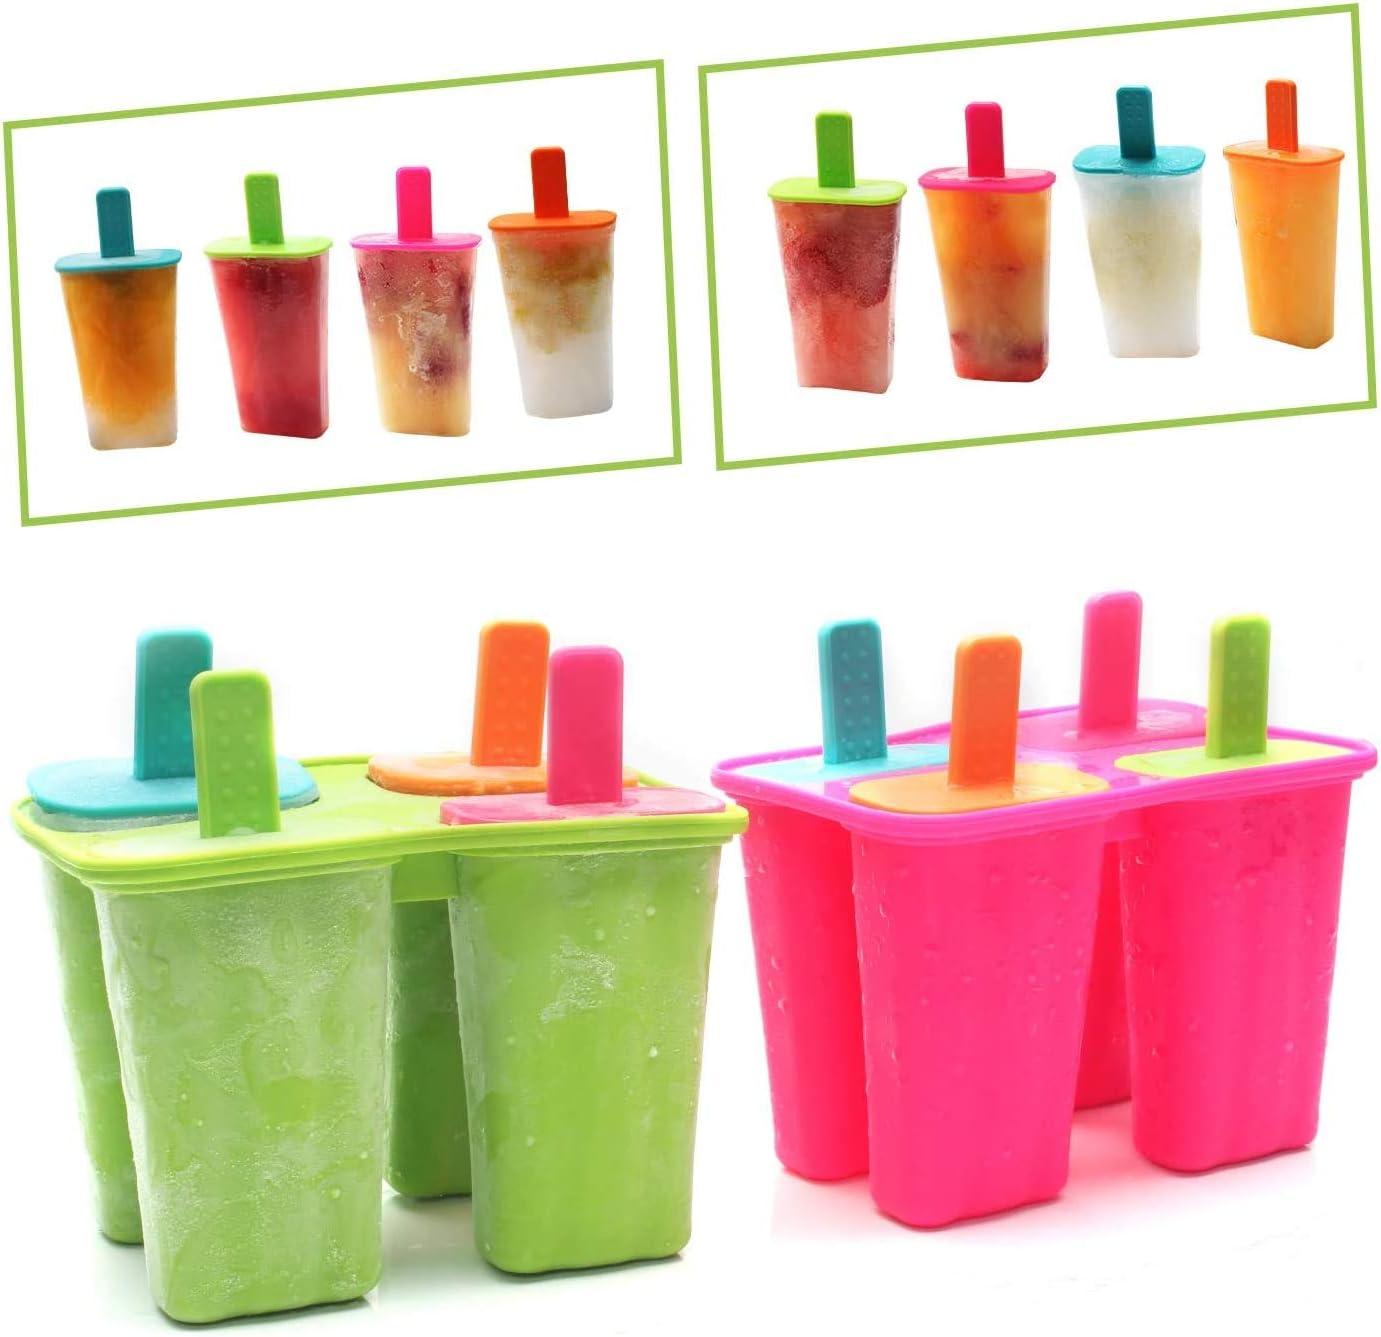 Gr/ün+Rosenrot, Popsicle Formen Set,BPA Frei EIS am stiel Formen FDA-Zertifiziert Lebensmittelqualit/ät Silikon-EIS-Pop-Hersteller,Ice Lolly Mold mit Sticks und Tropfschutz DEHUB Eisformen Silikon